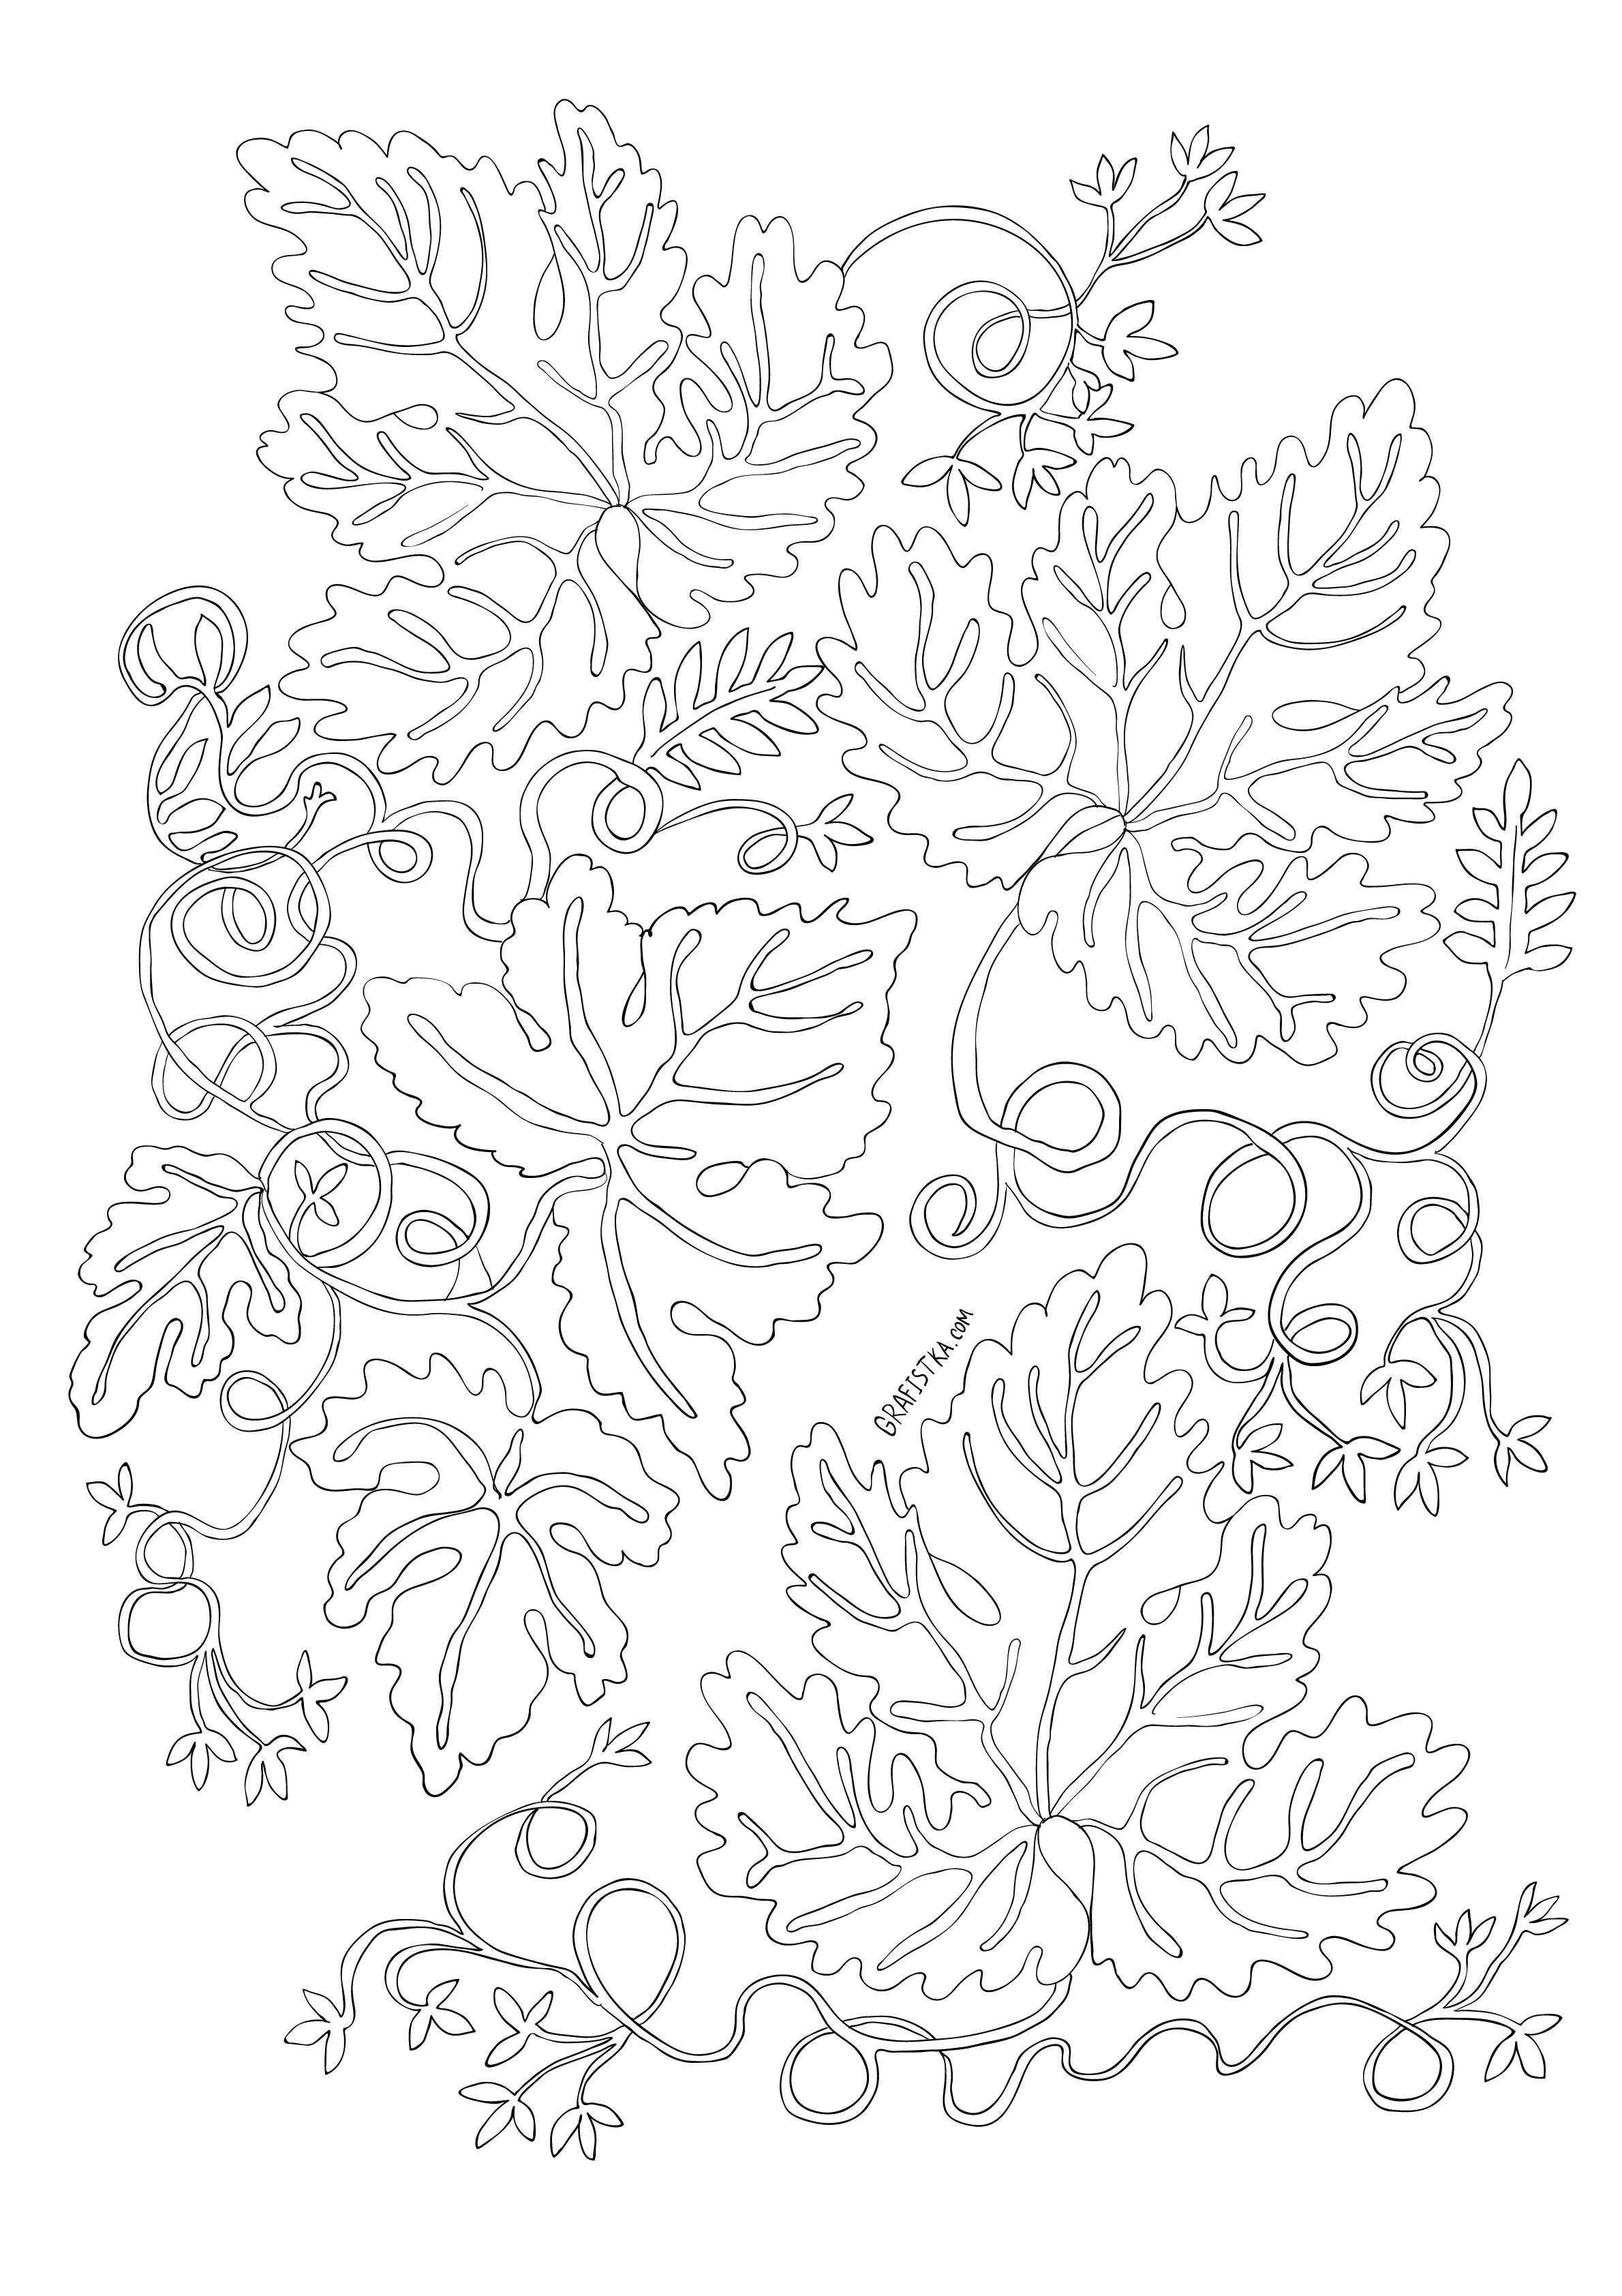 Раскраска для взрослых - секретный сад | Sanat, Çizim, Nakış